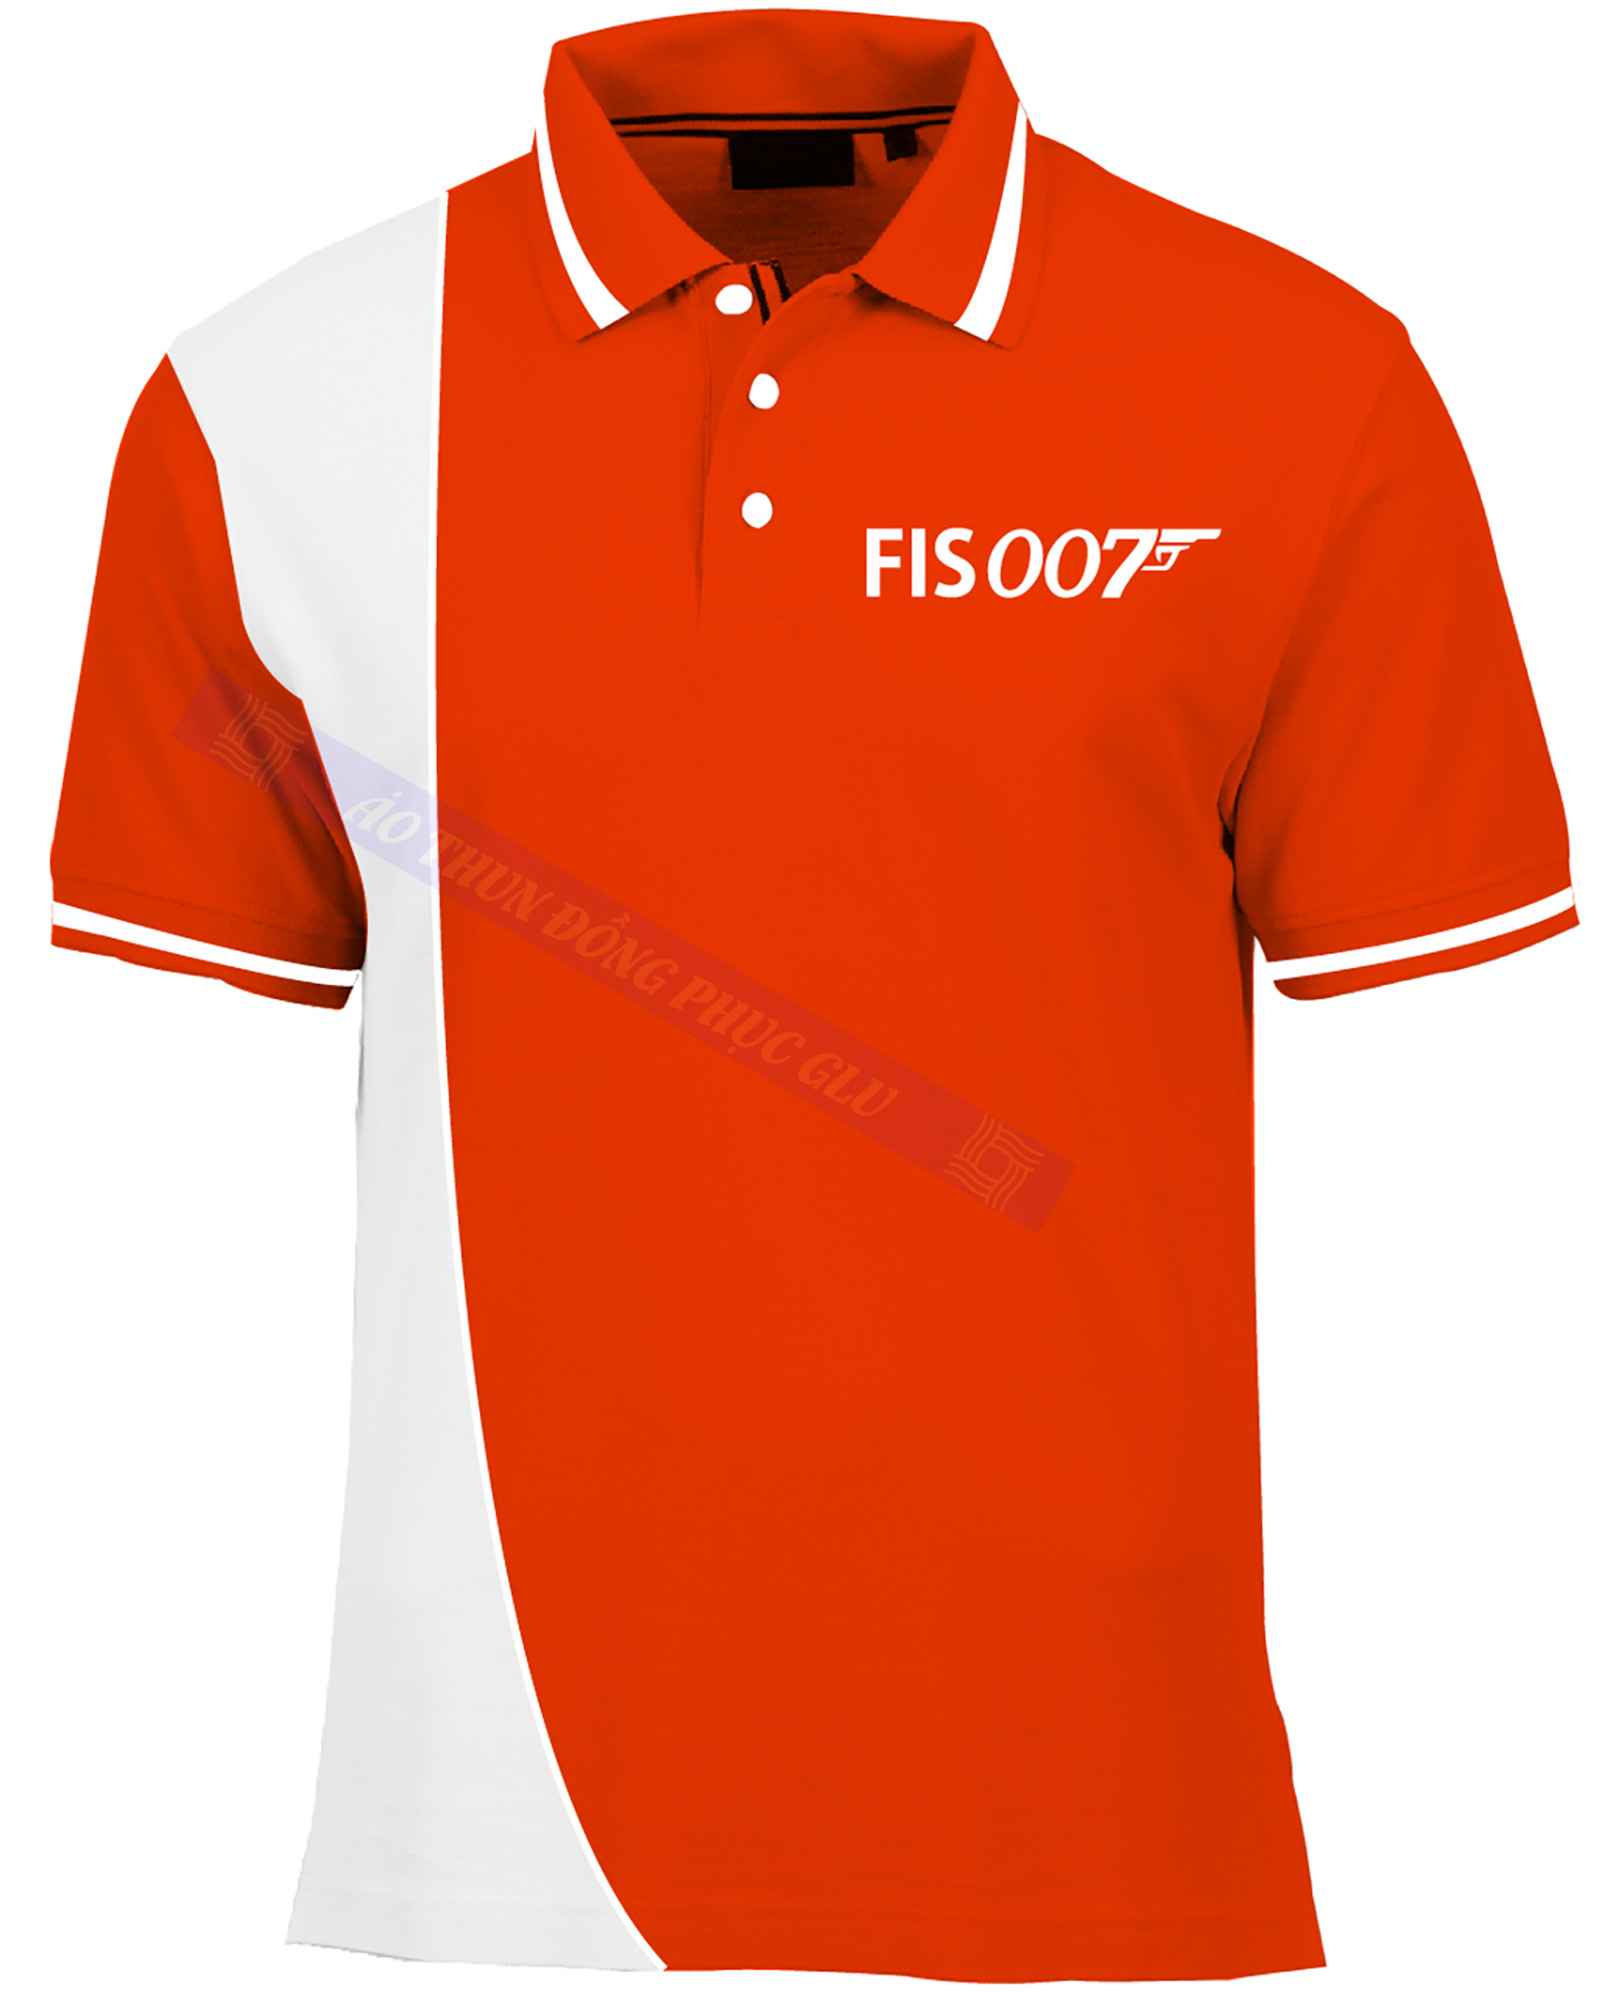 AO THUN FIS007 AT363 áo thun đồng phục đẹp